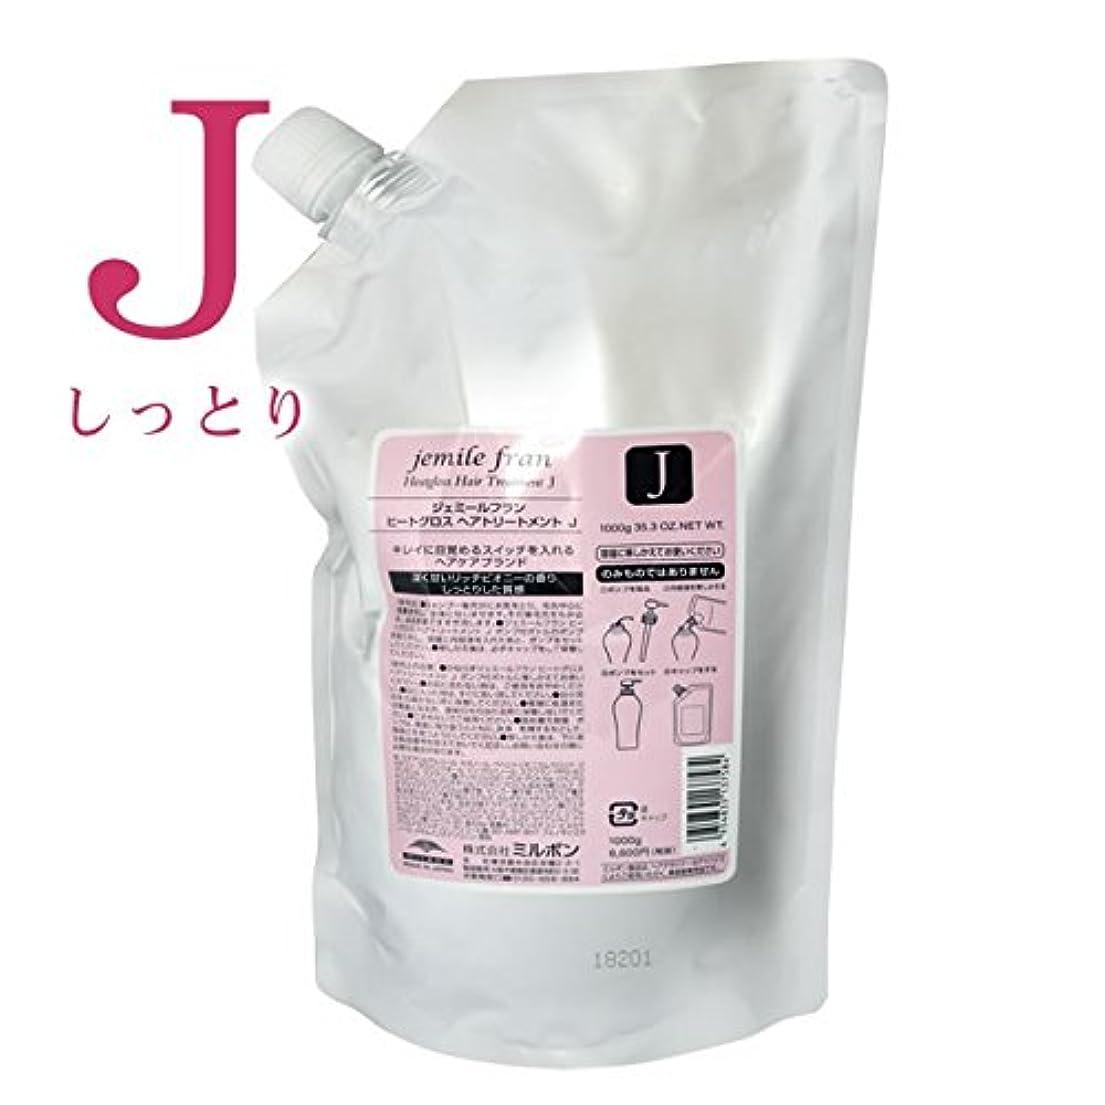 保存ニッケル虫を数えるミルボン|ジェミールフラン ヒートグロス トリートメントJ 1000g (詰替用)